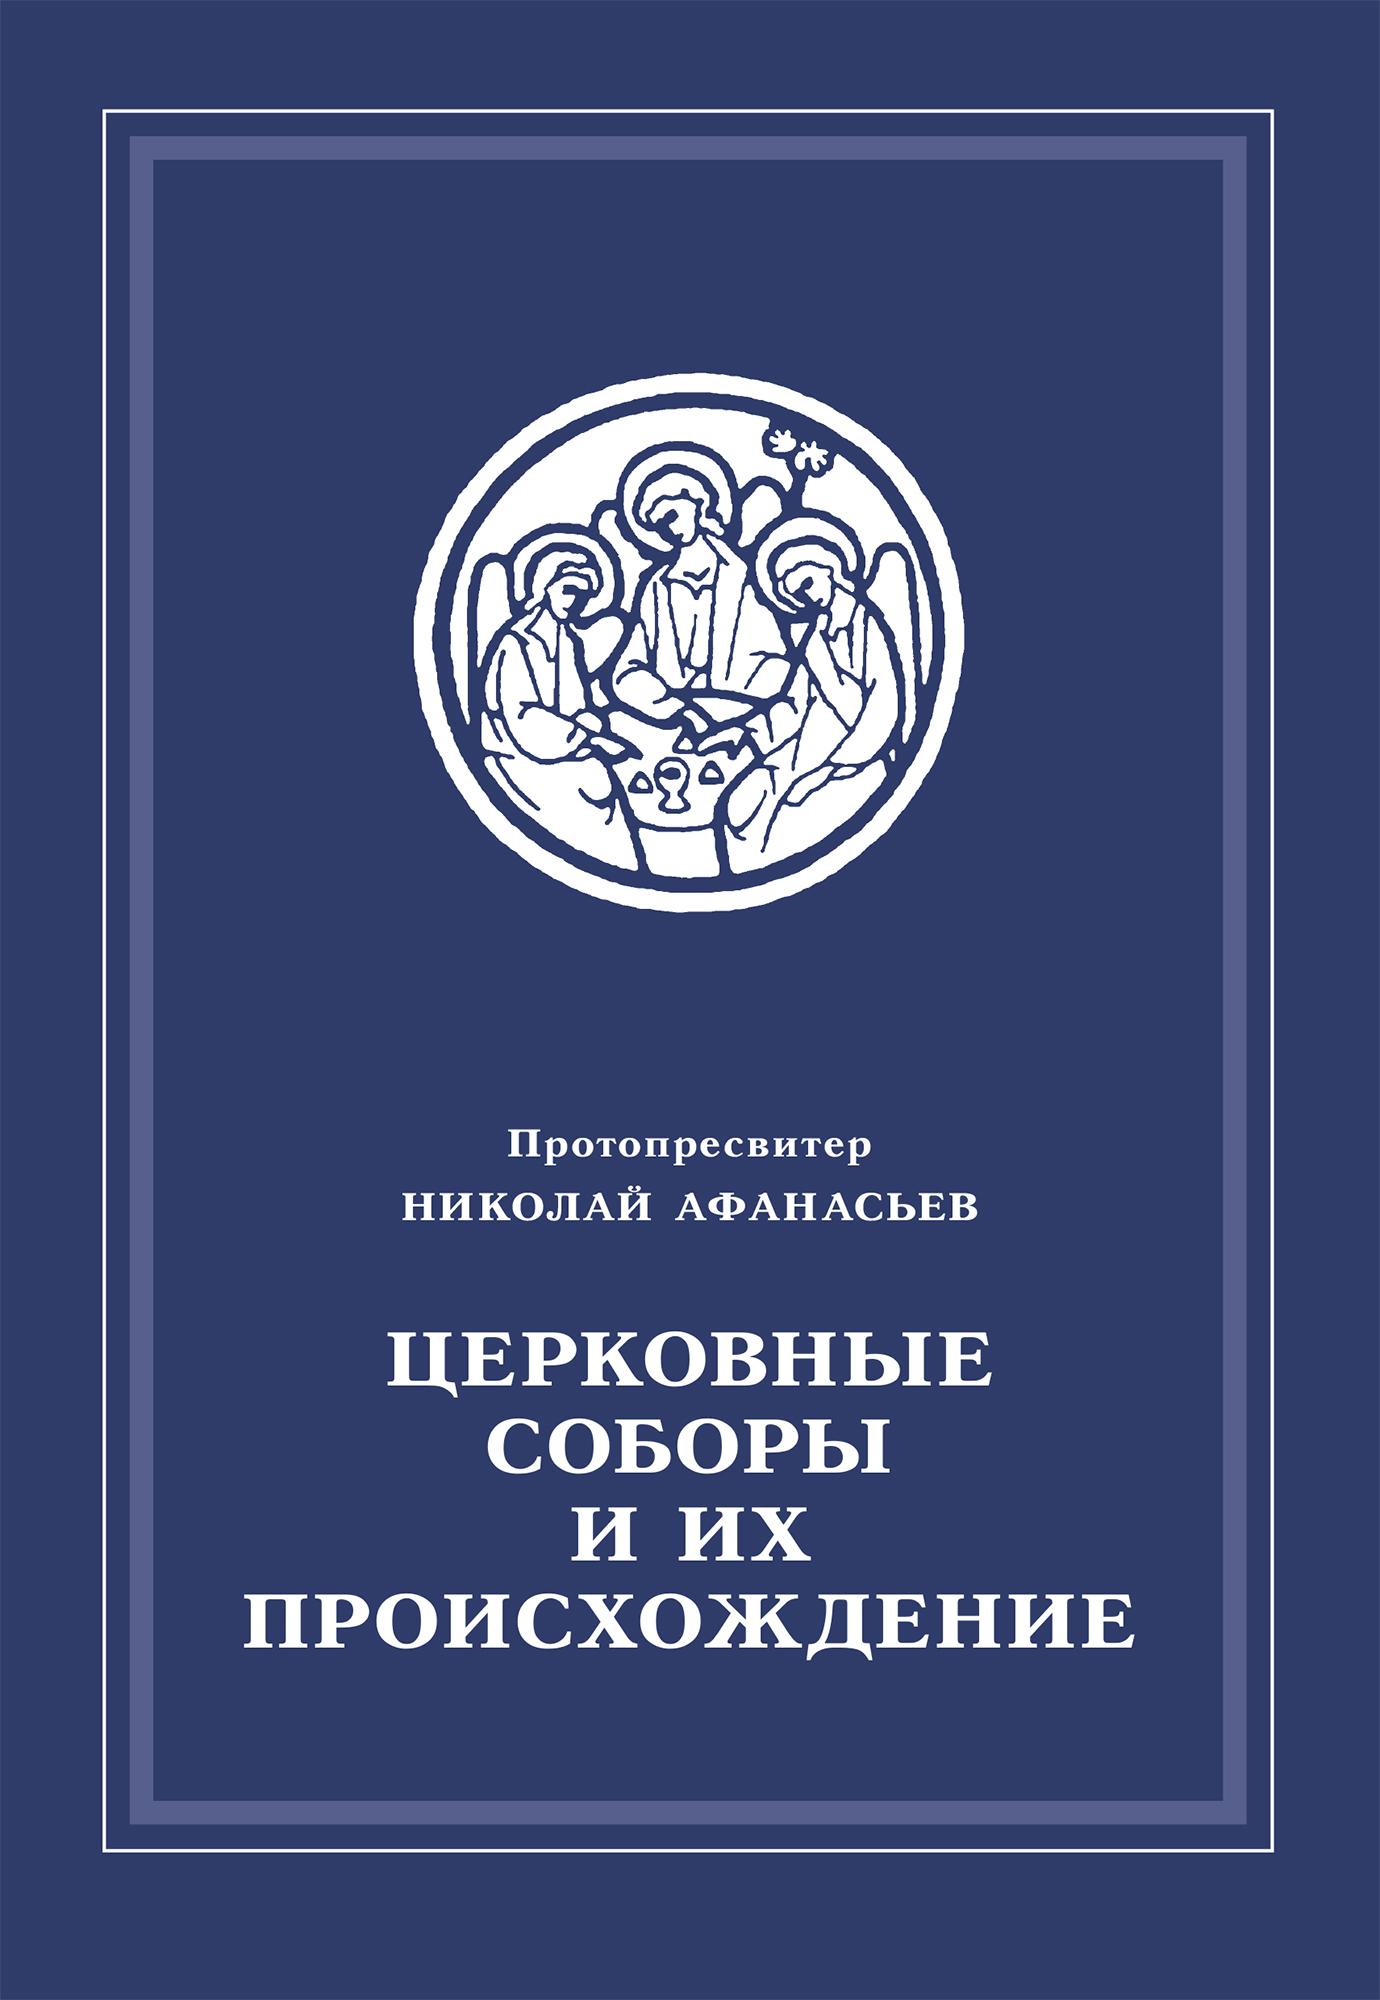 Протопросвитер Николай Афанасьев Церковные соборы и их происхождение